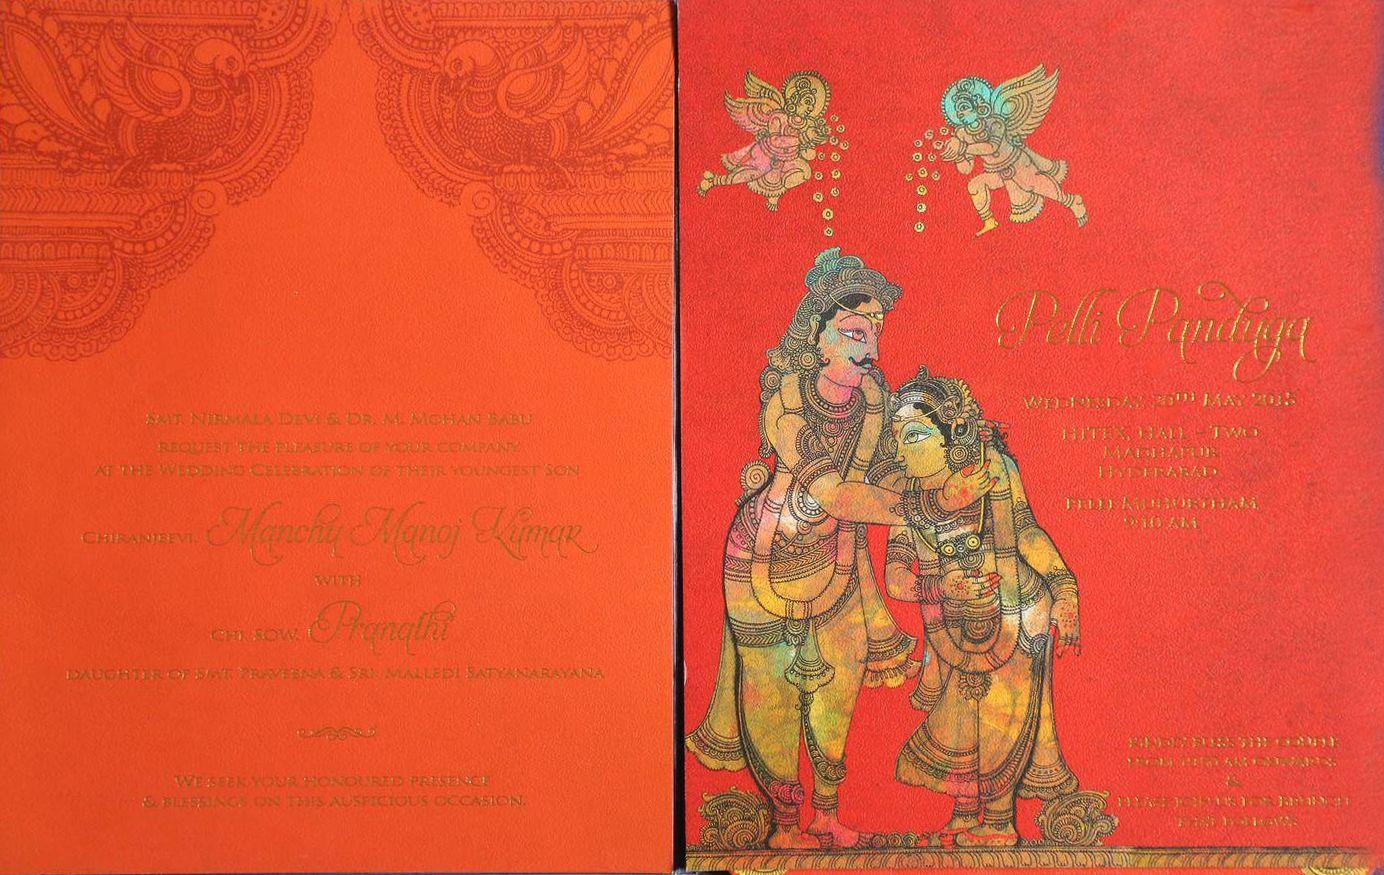 Hindu Wedding card for your wedding invitations. offer by shubhankar ...